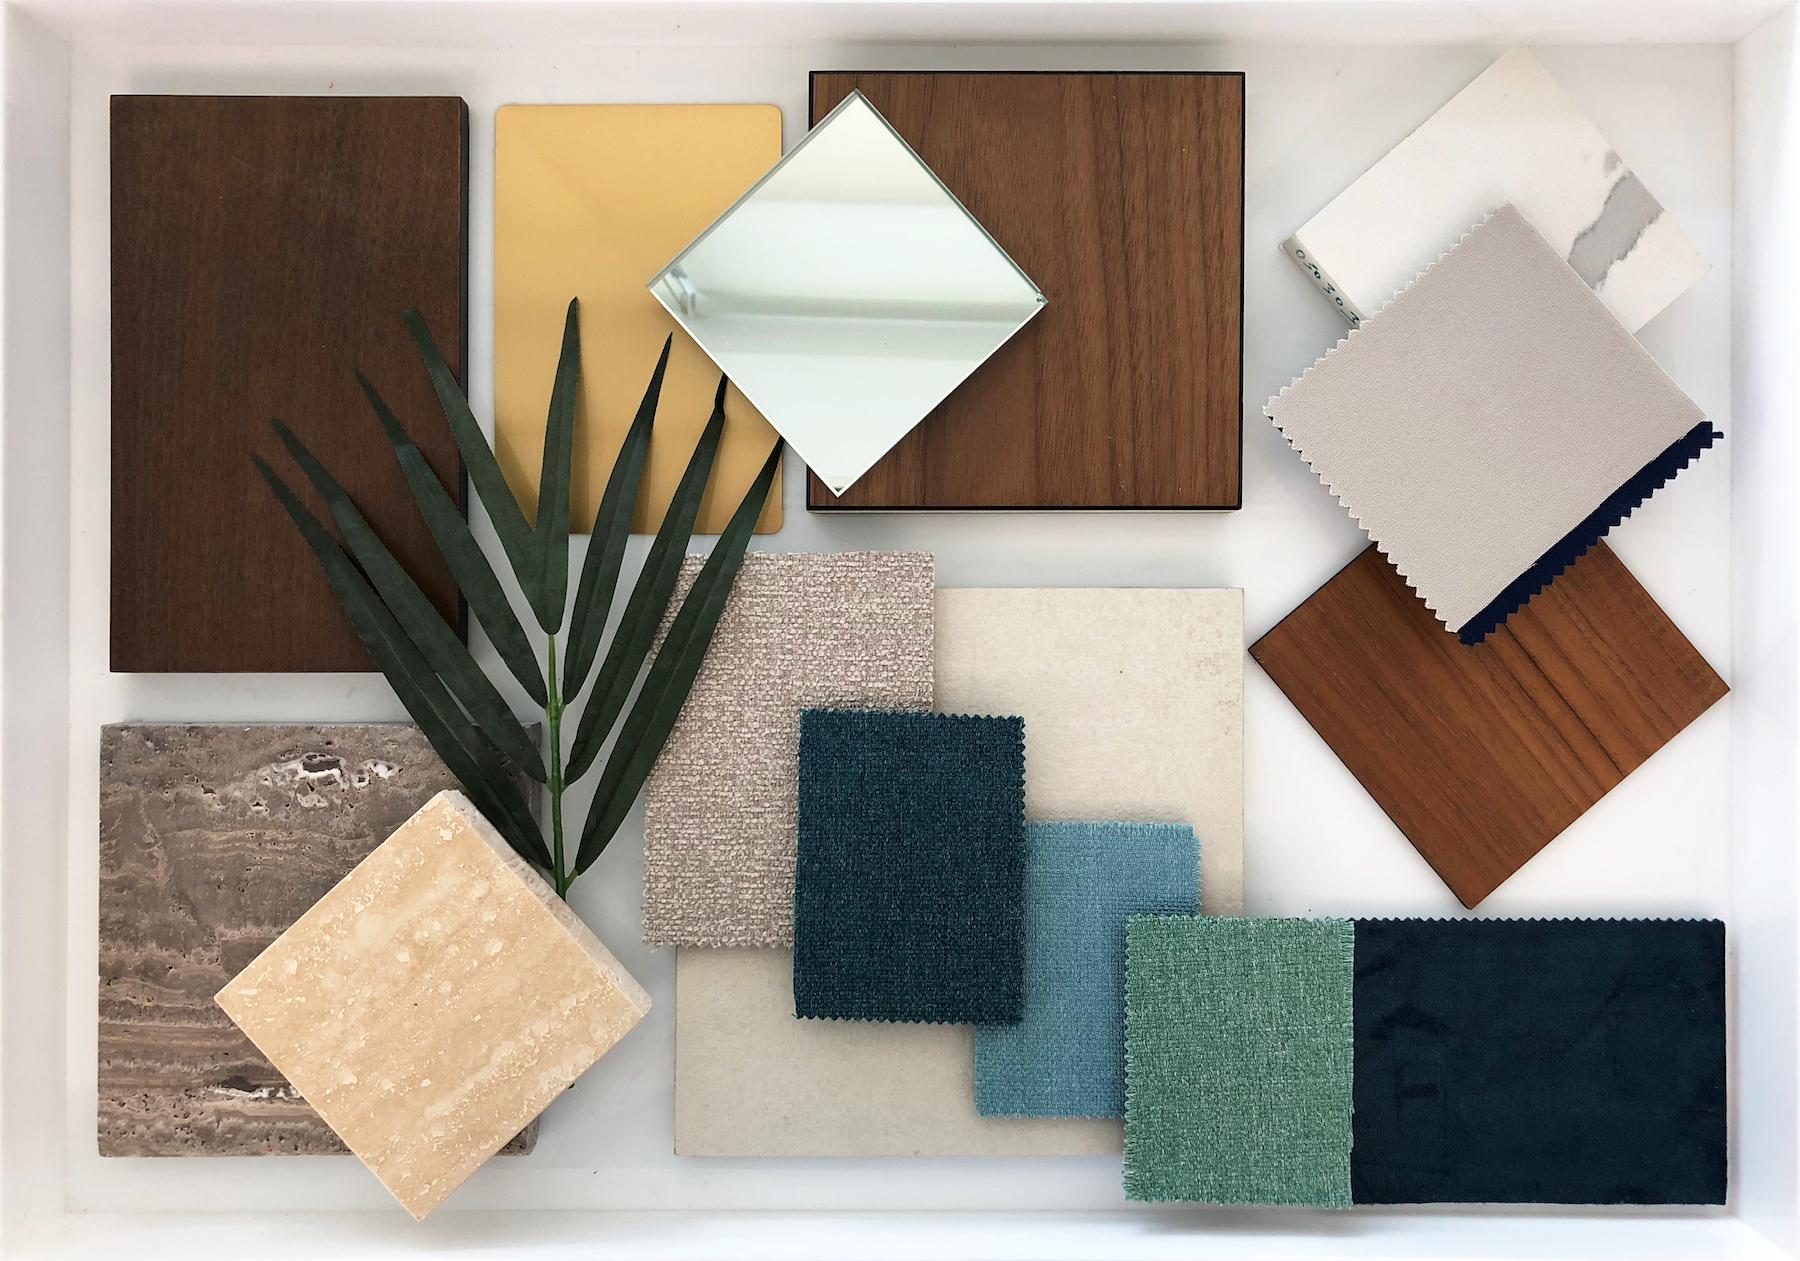 Interior Design patterns